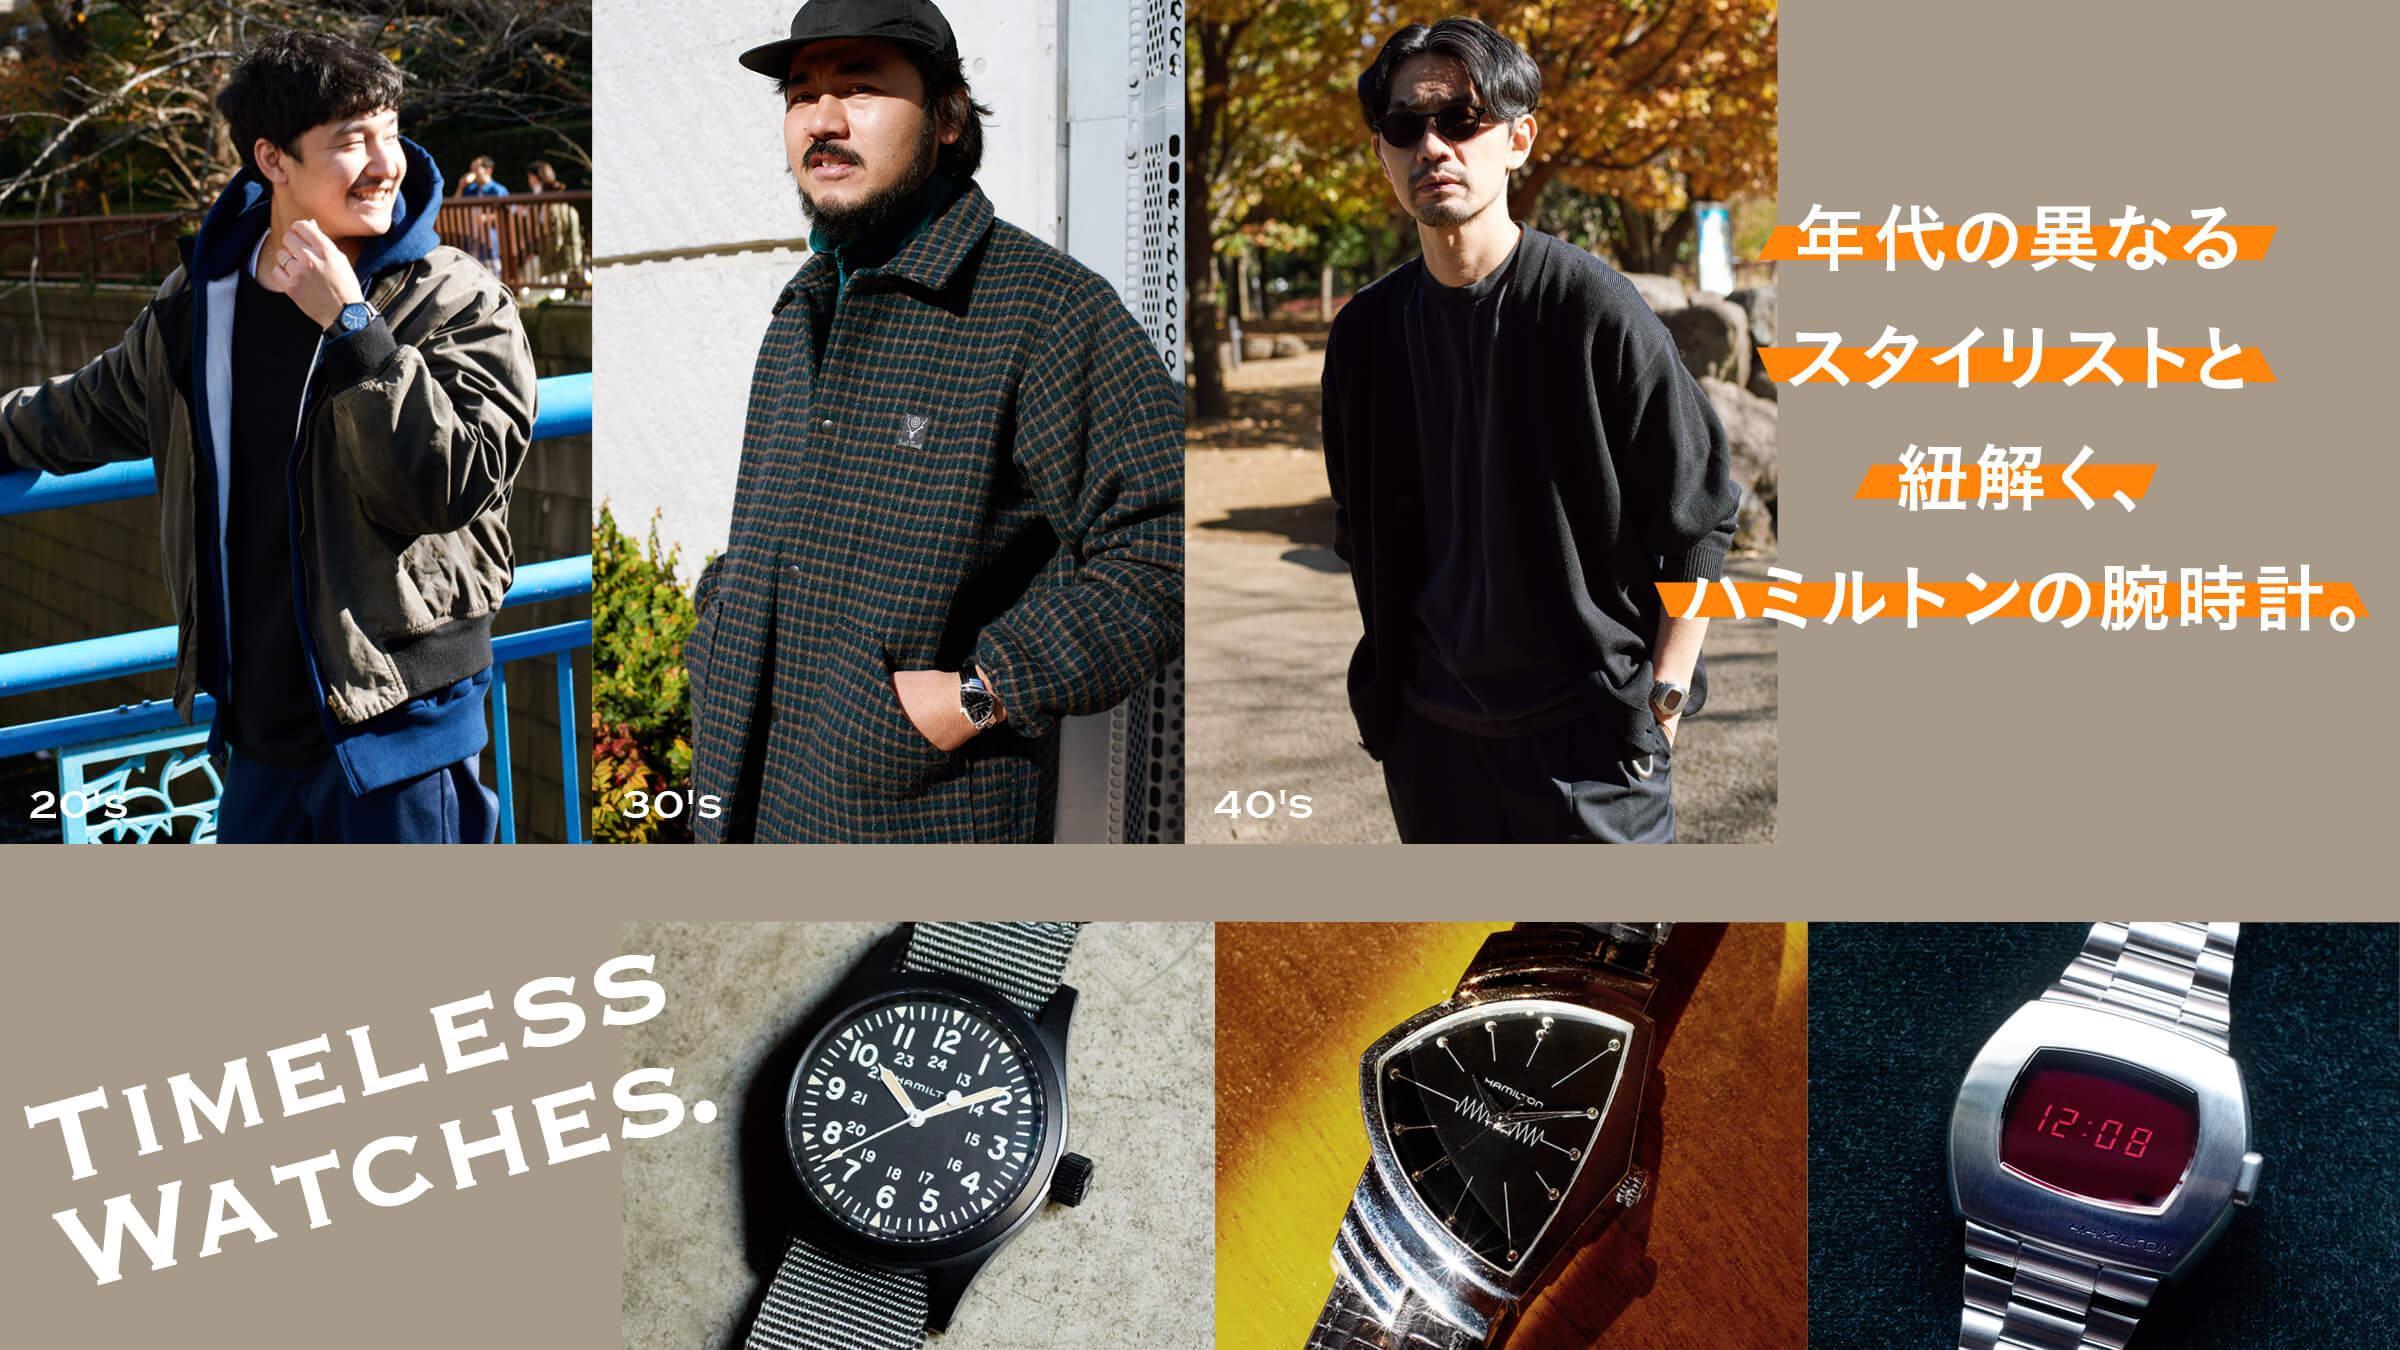 20代、30代、40代。 年代の異なるスタイリストと紐解く、ハミルトンの腕時計。